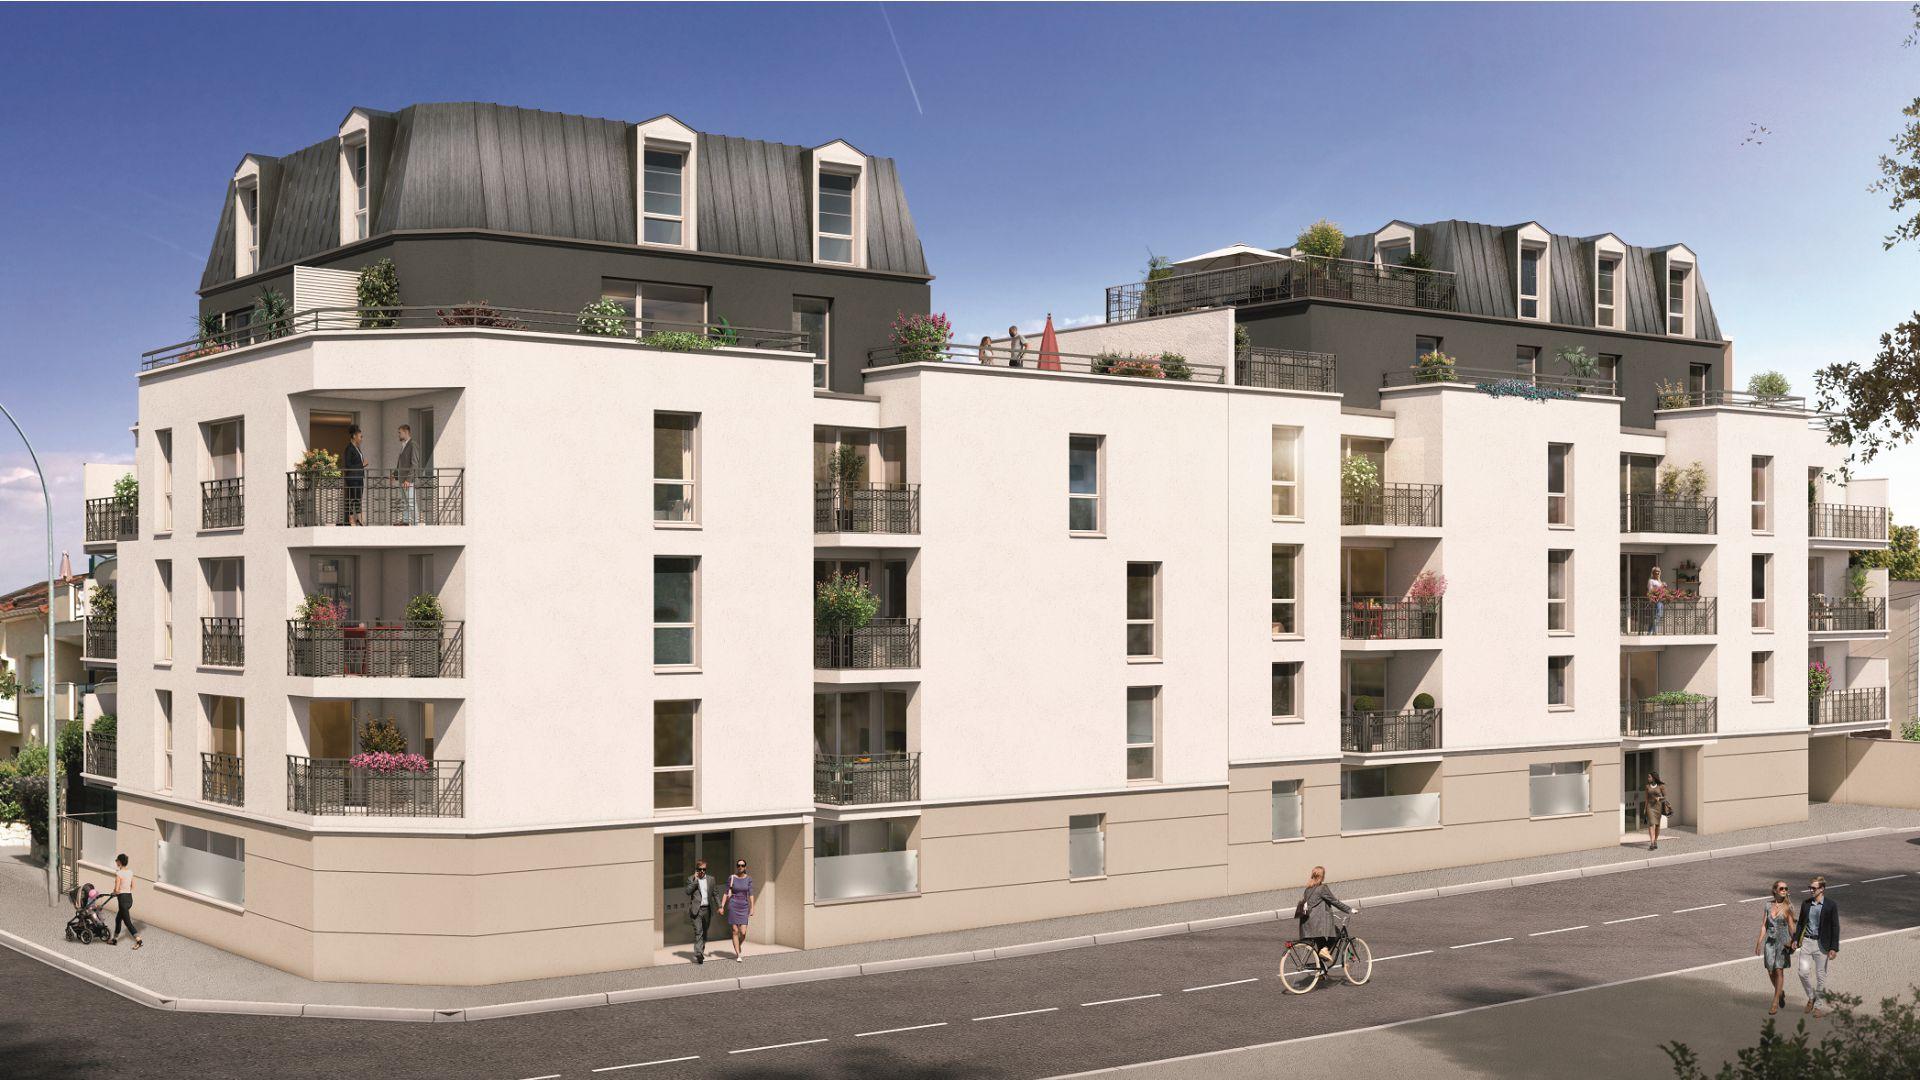 GreenCity immobilier - Savigny sur Orge - Résidence Le Clos D'Ambroise - 91600 - Appartements neufs du T1bis au T4